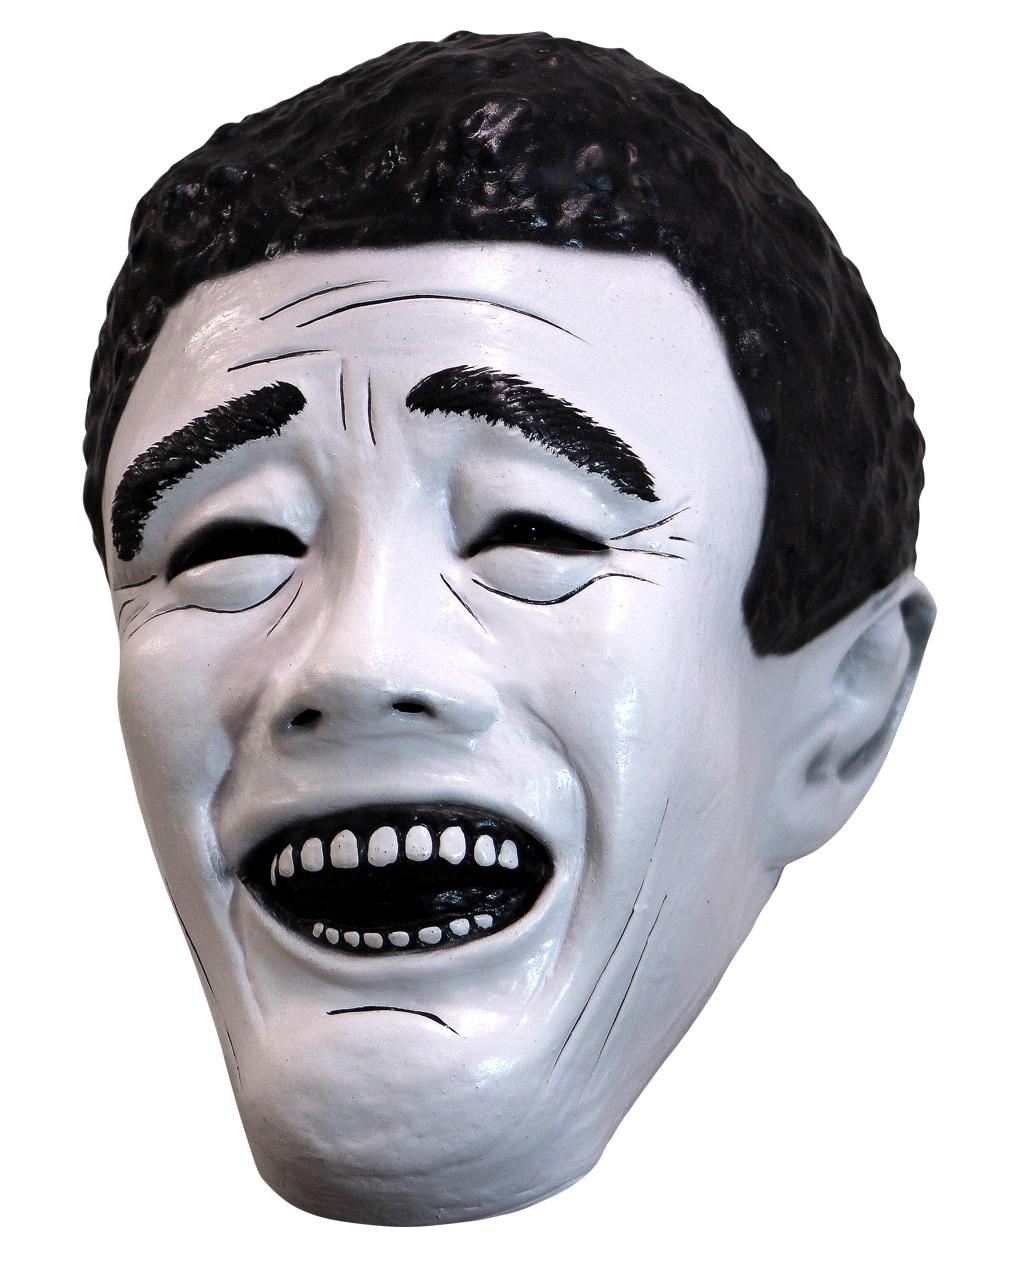 yao ming basketball mask internet meme mask